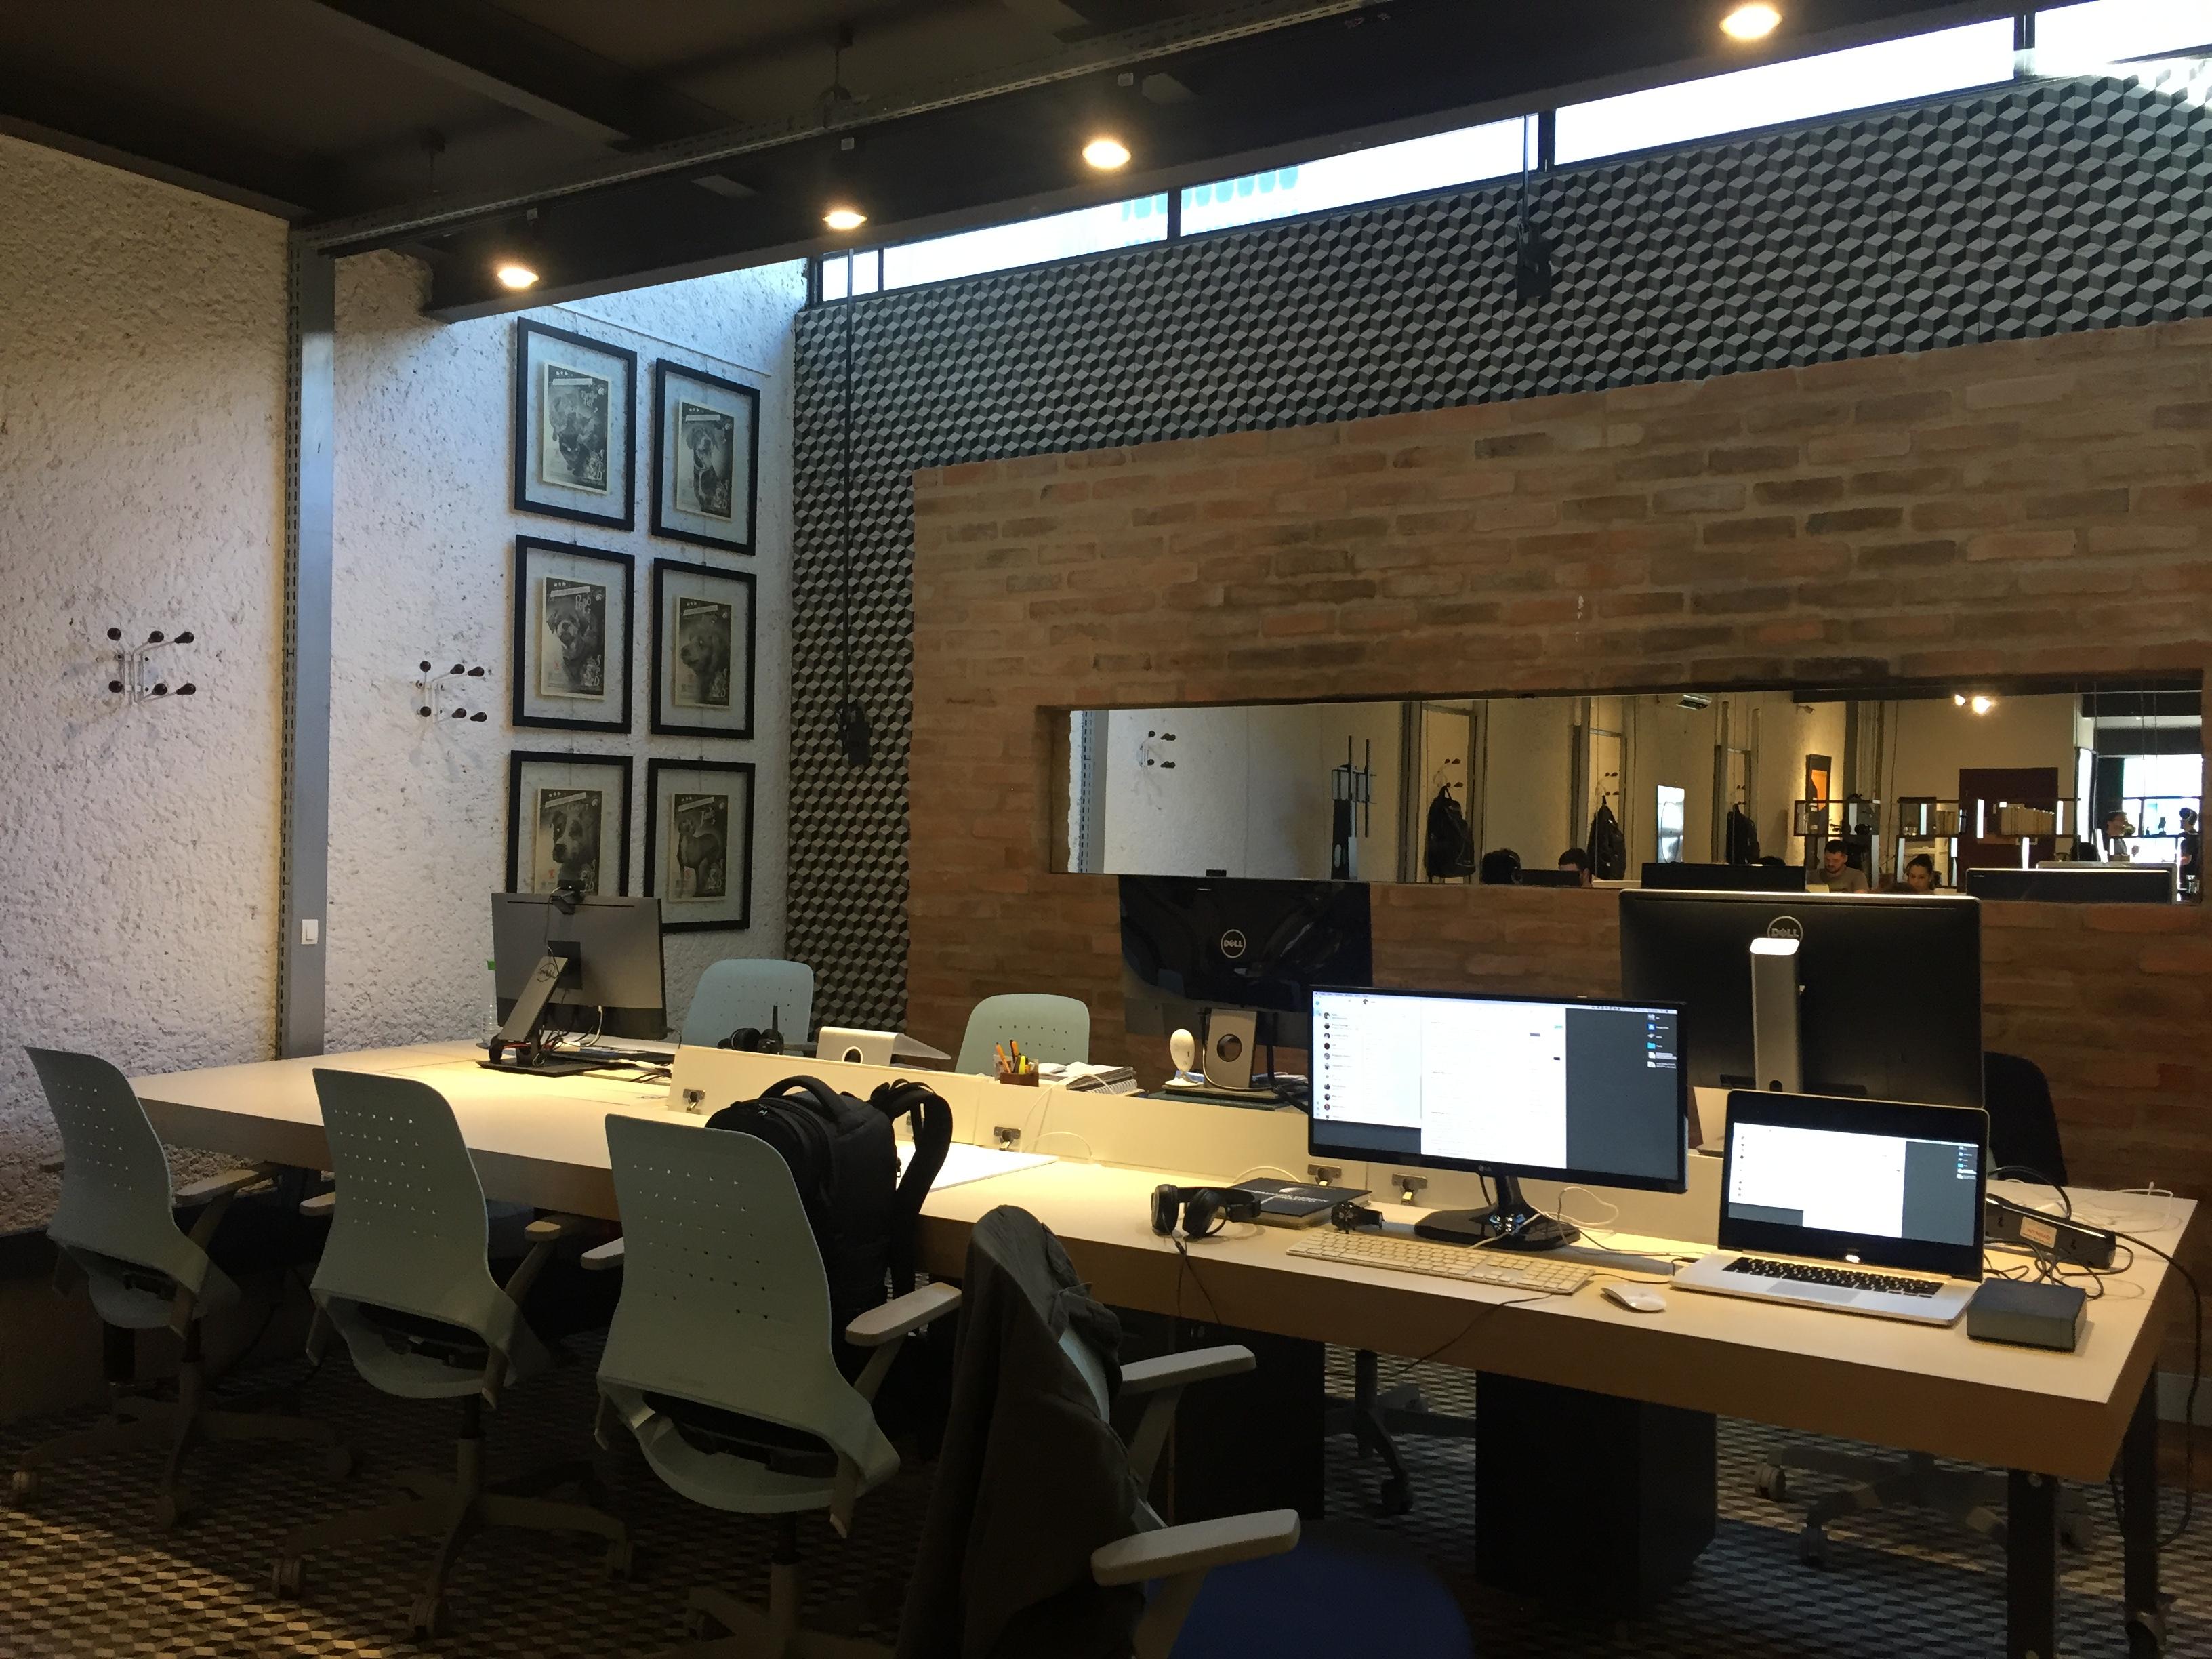 Visita Aos Habitats De Inovação E Empreendedorismo De Floripa: S7 Coworking